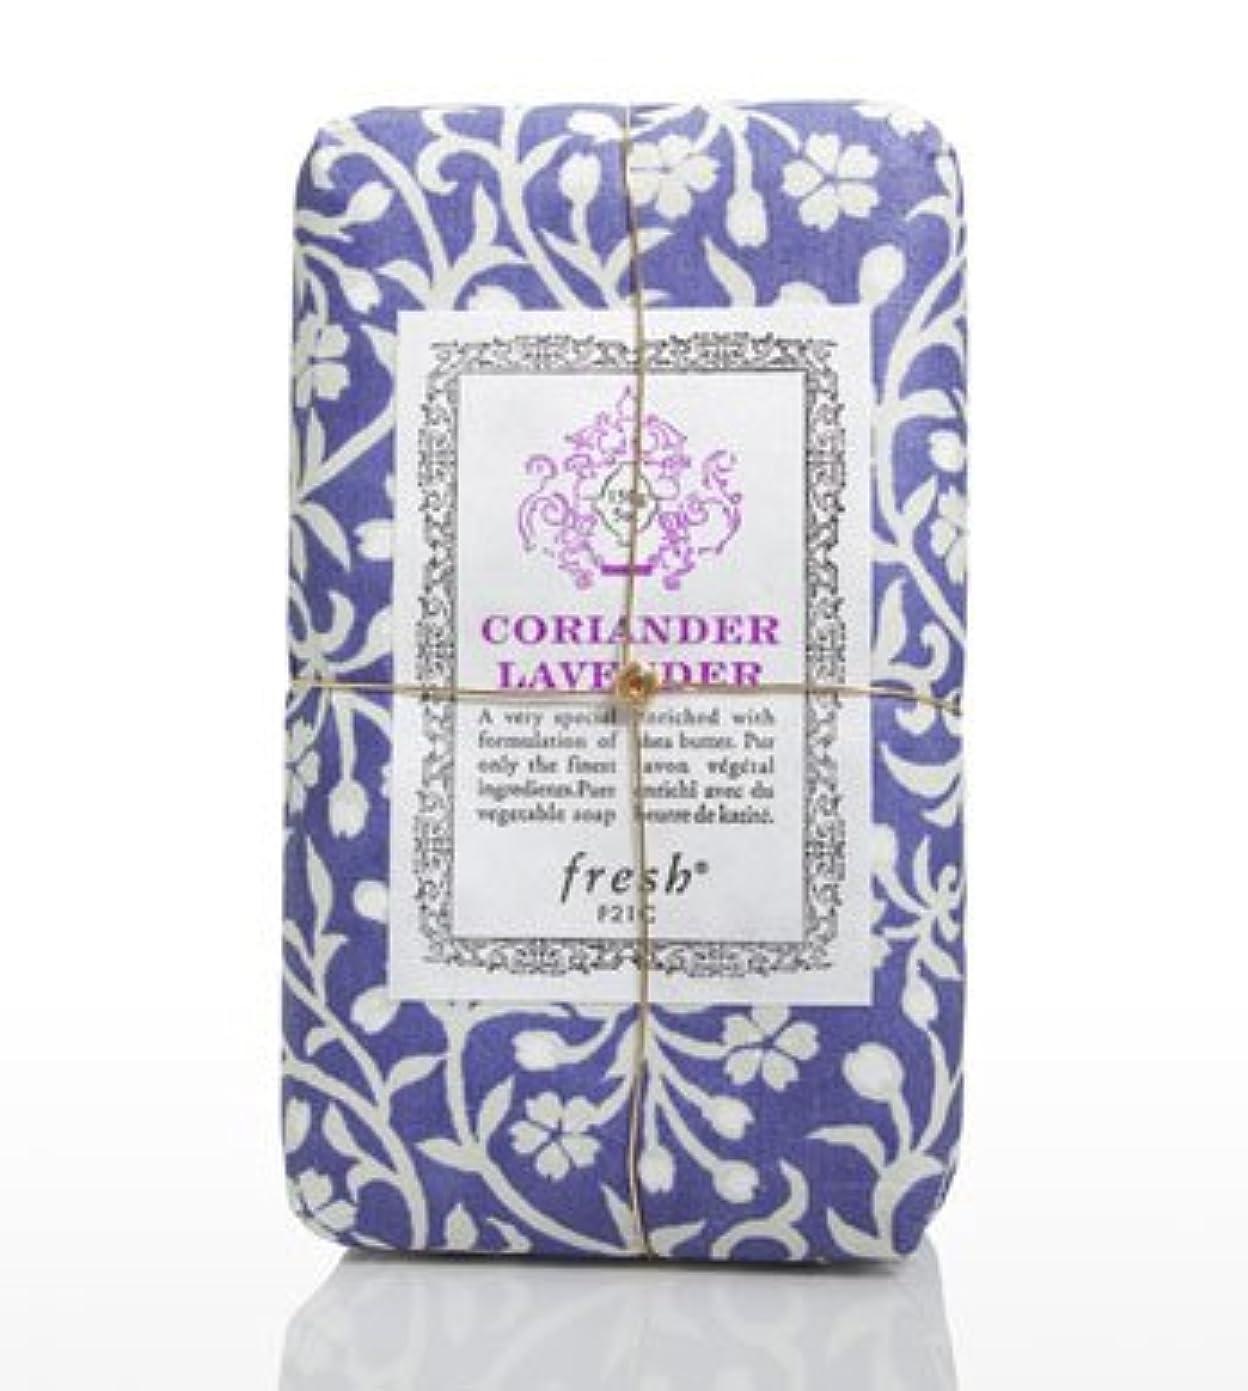 シニス抵抗知り合いFresh CORIANDER LAVENDAR SOAP(フレッシュ コリアンダーラベンダー ソープ) 5.0 oz (150gl) 石鹸 by Fresh